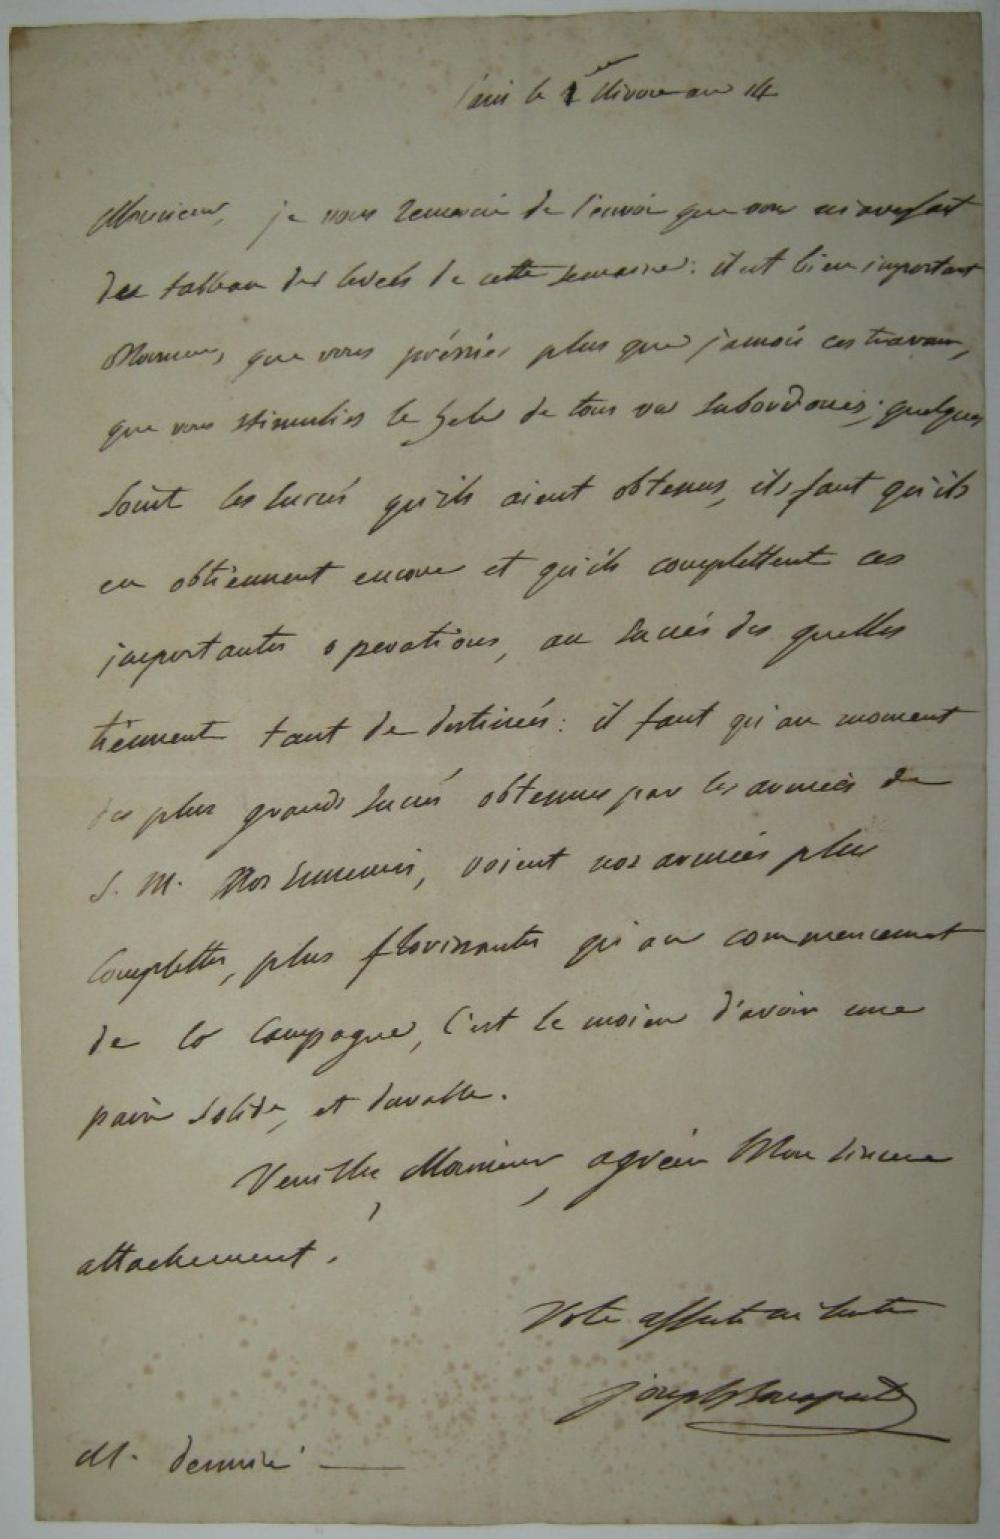 (NAPOLÉON.) BONAPARTE, JOSEPH. Autograph Letter Signed,